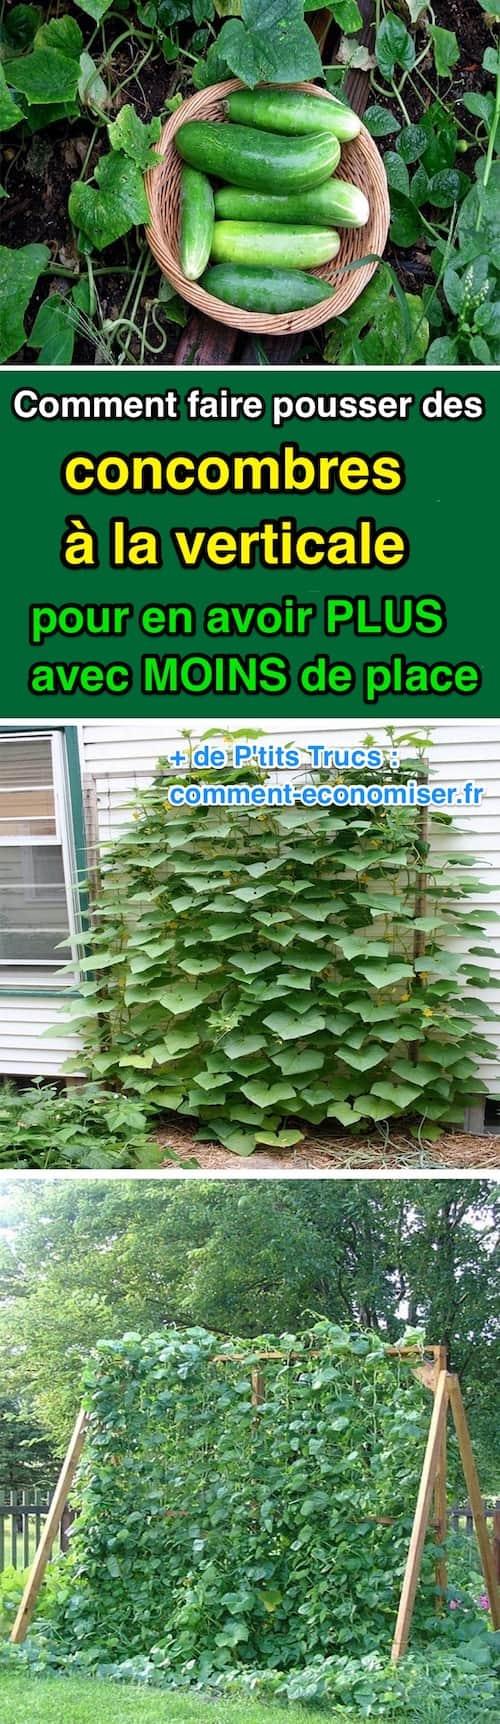 Comment faire pousser des concombres la verticale pour - Faire pousser des endives ...